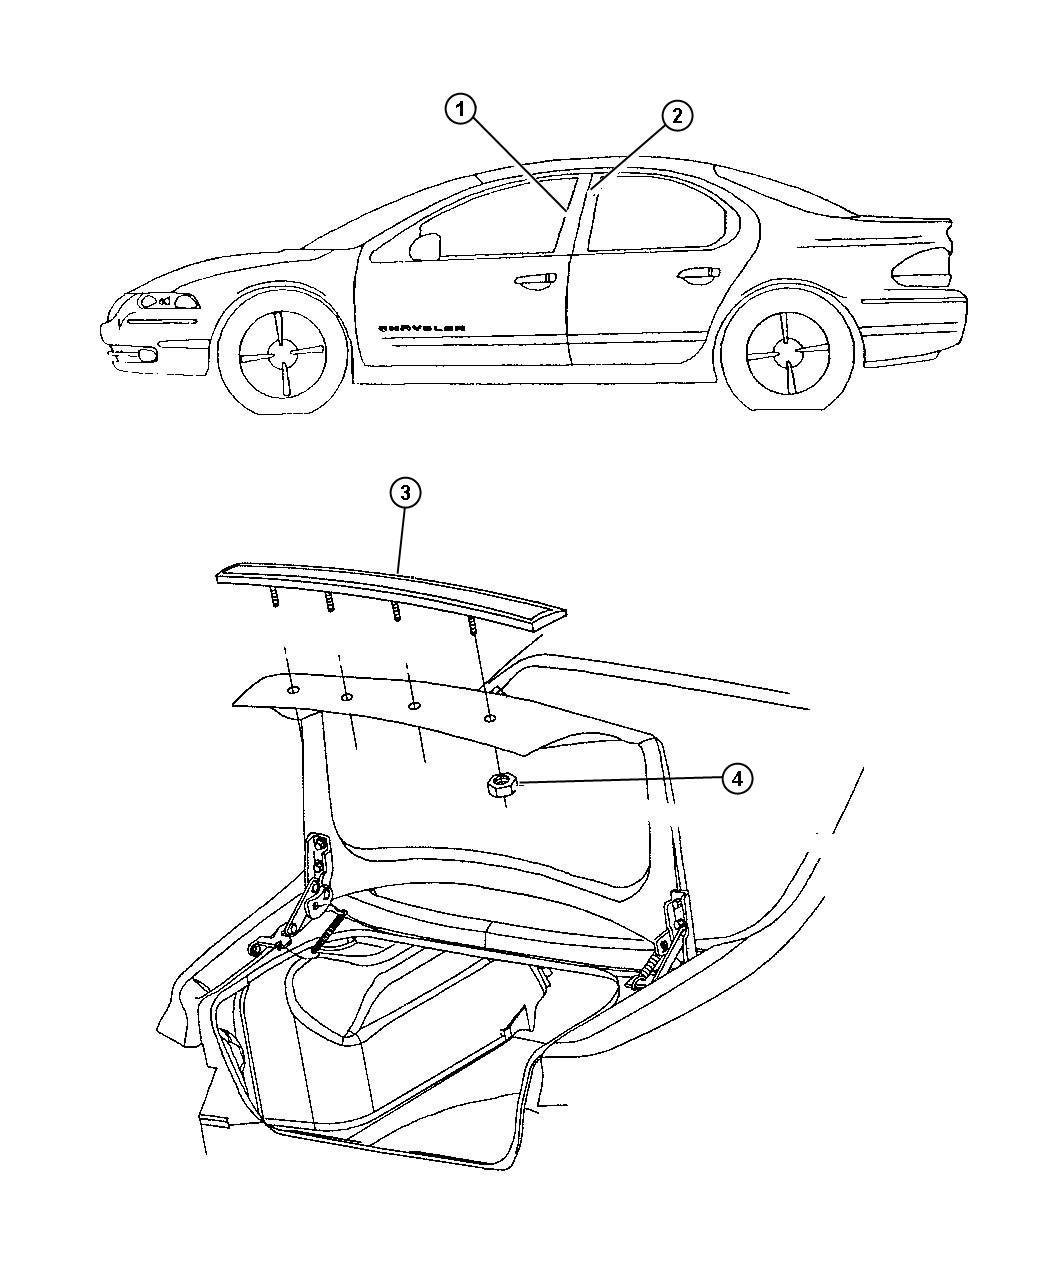 Chrysler Lhs Applique Deck Lid H D Tow Hooks